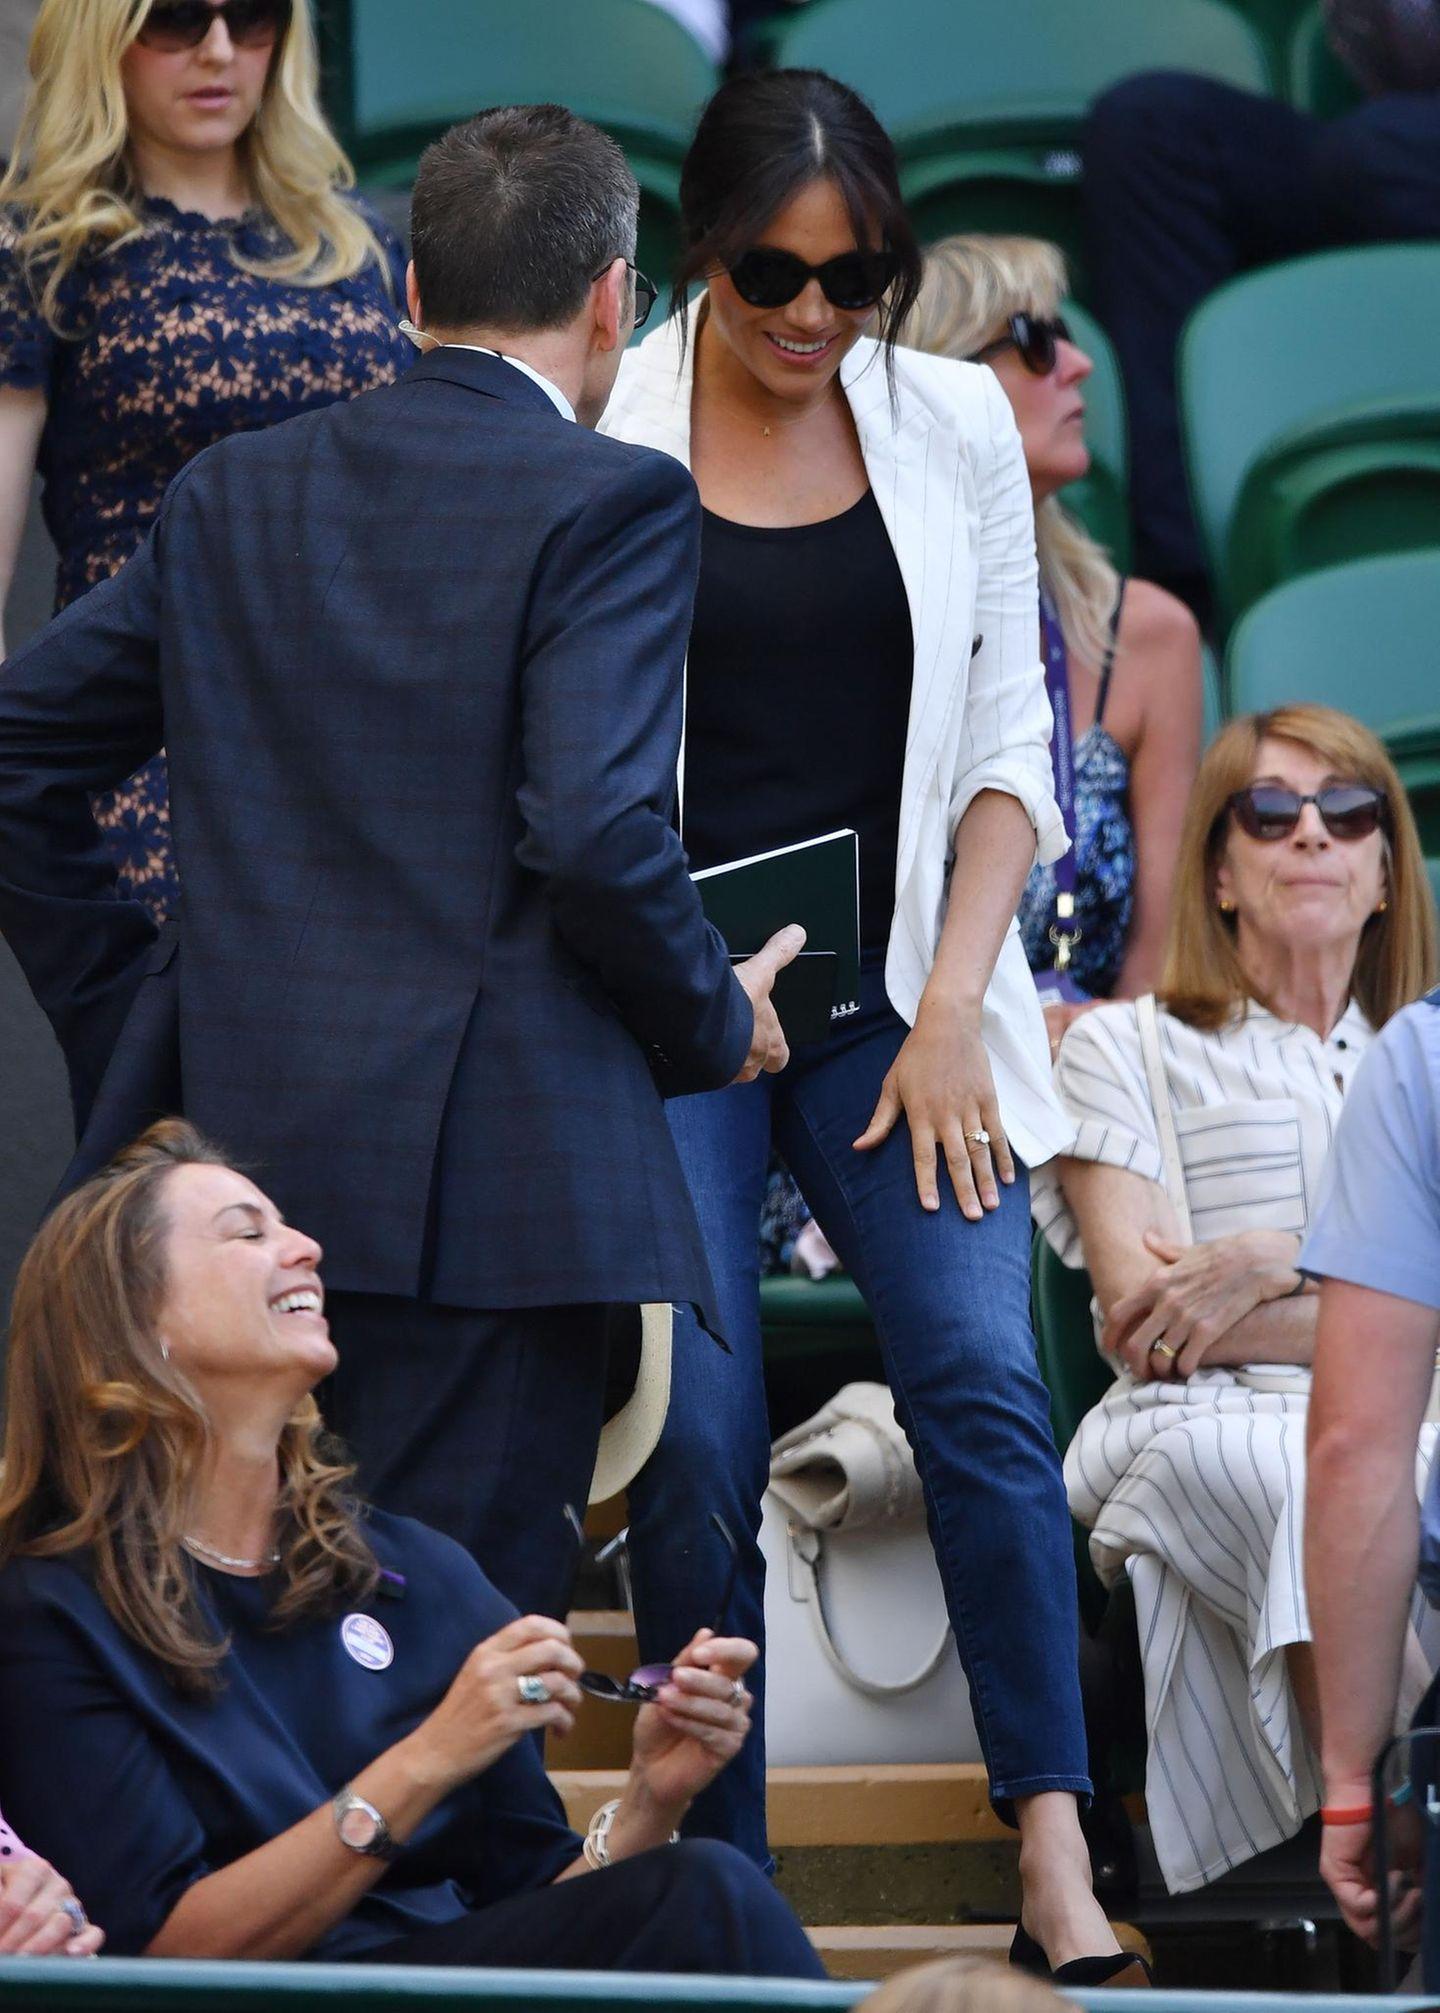 Skandalkleider der Royals: Meghan Markle mit Jeans auf Tribüne